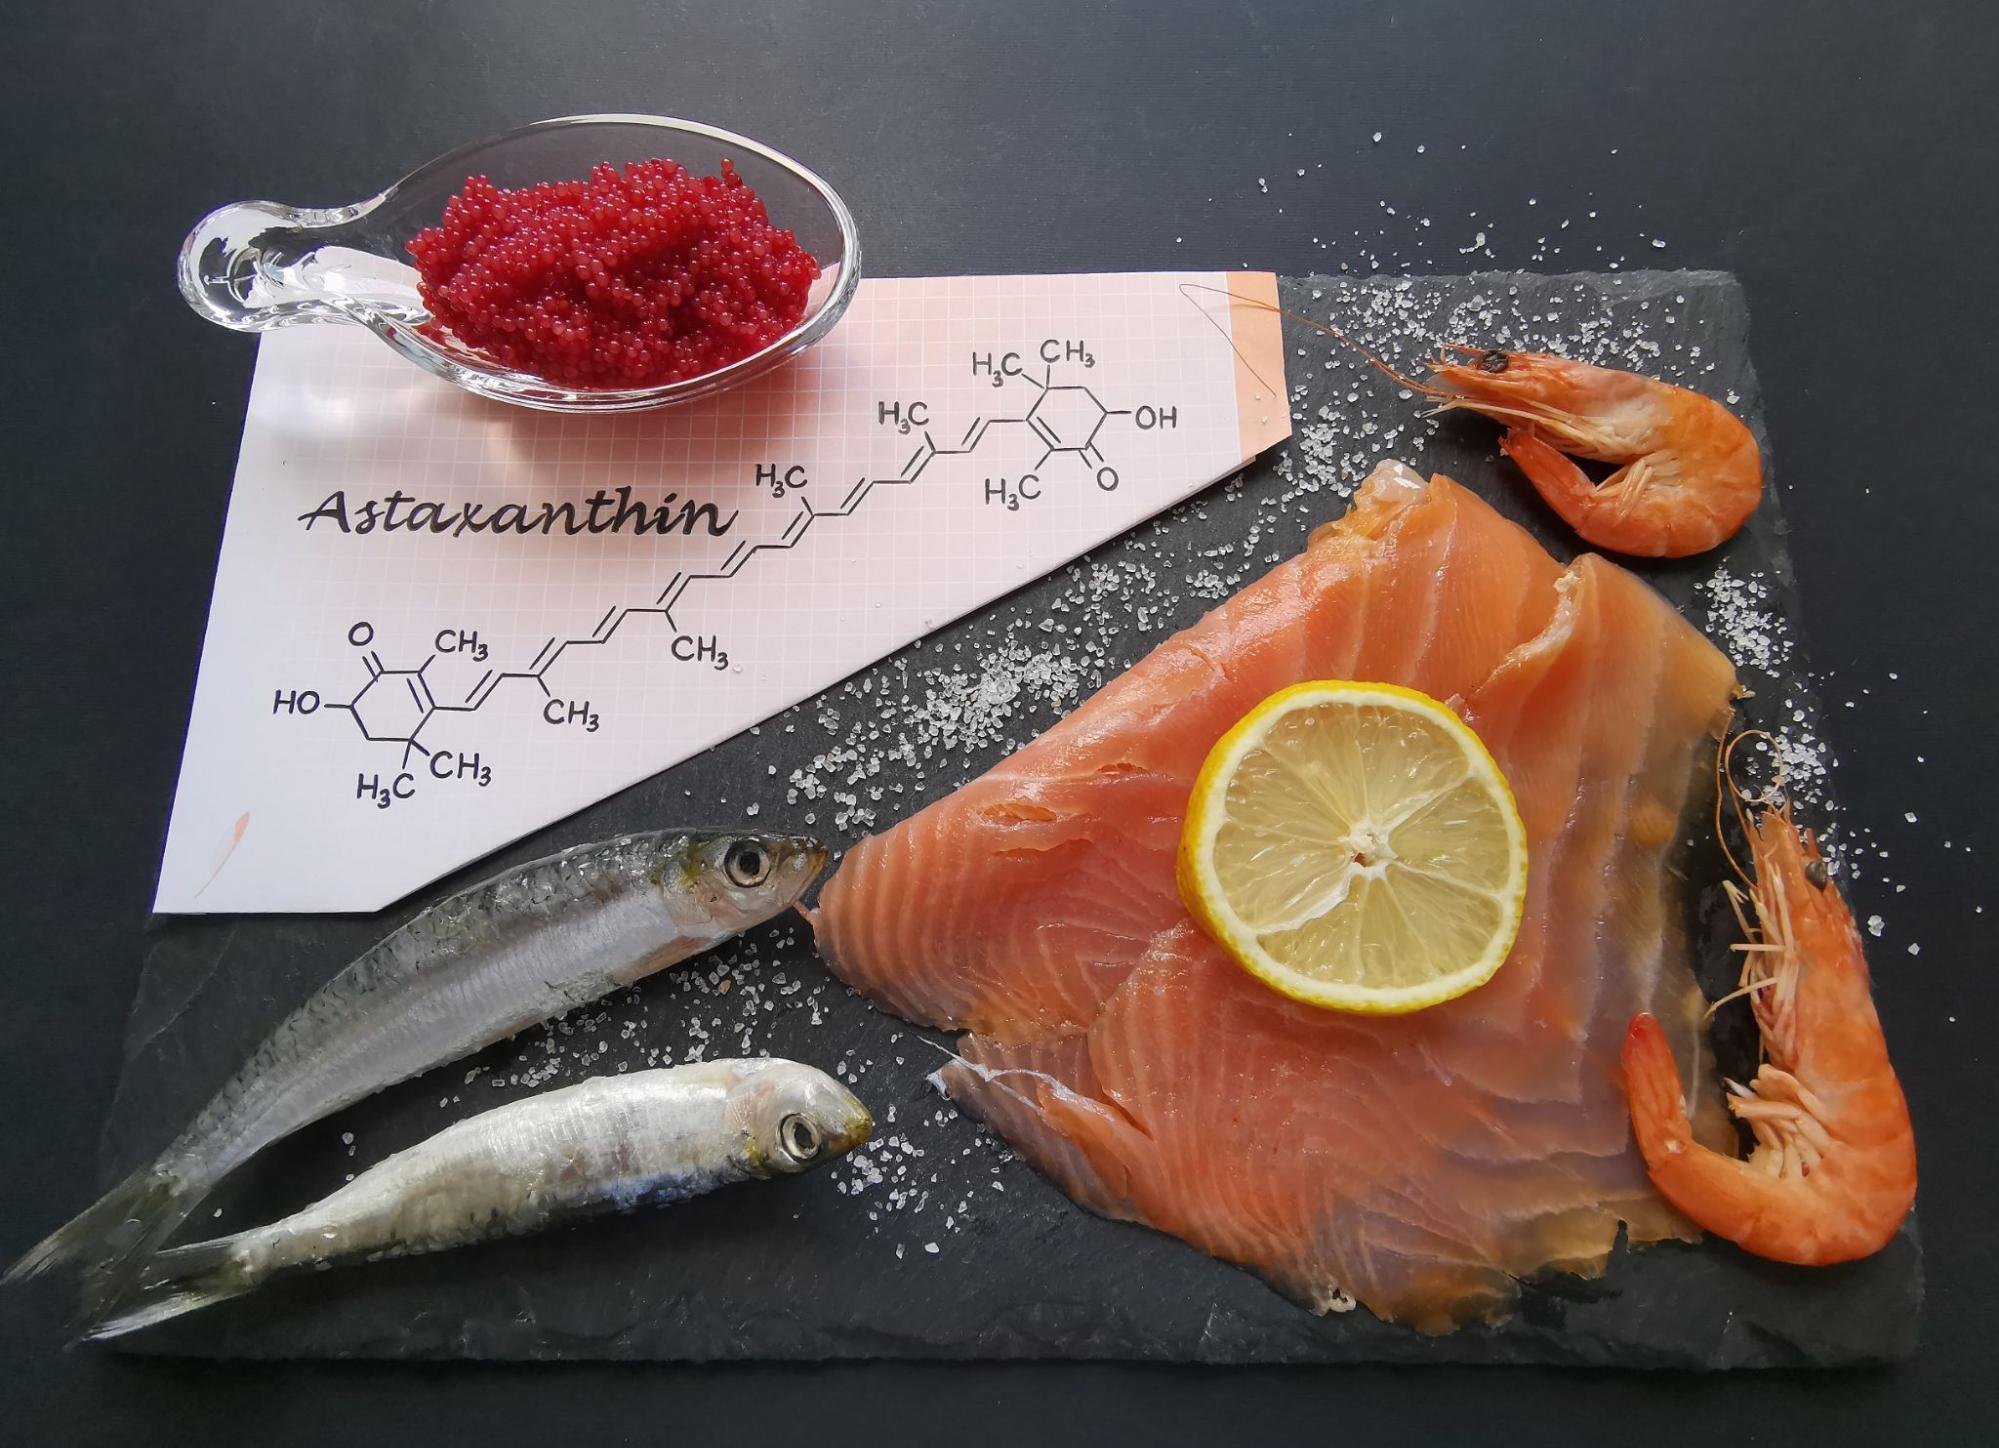 蝦青素保養品有用嗎?